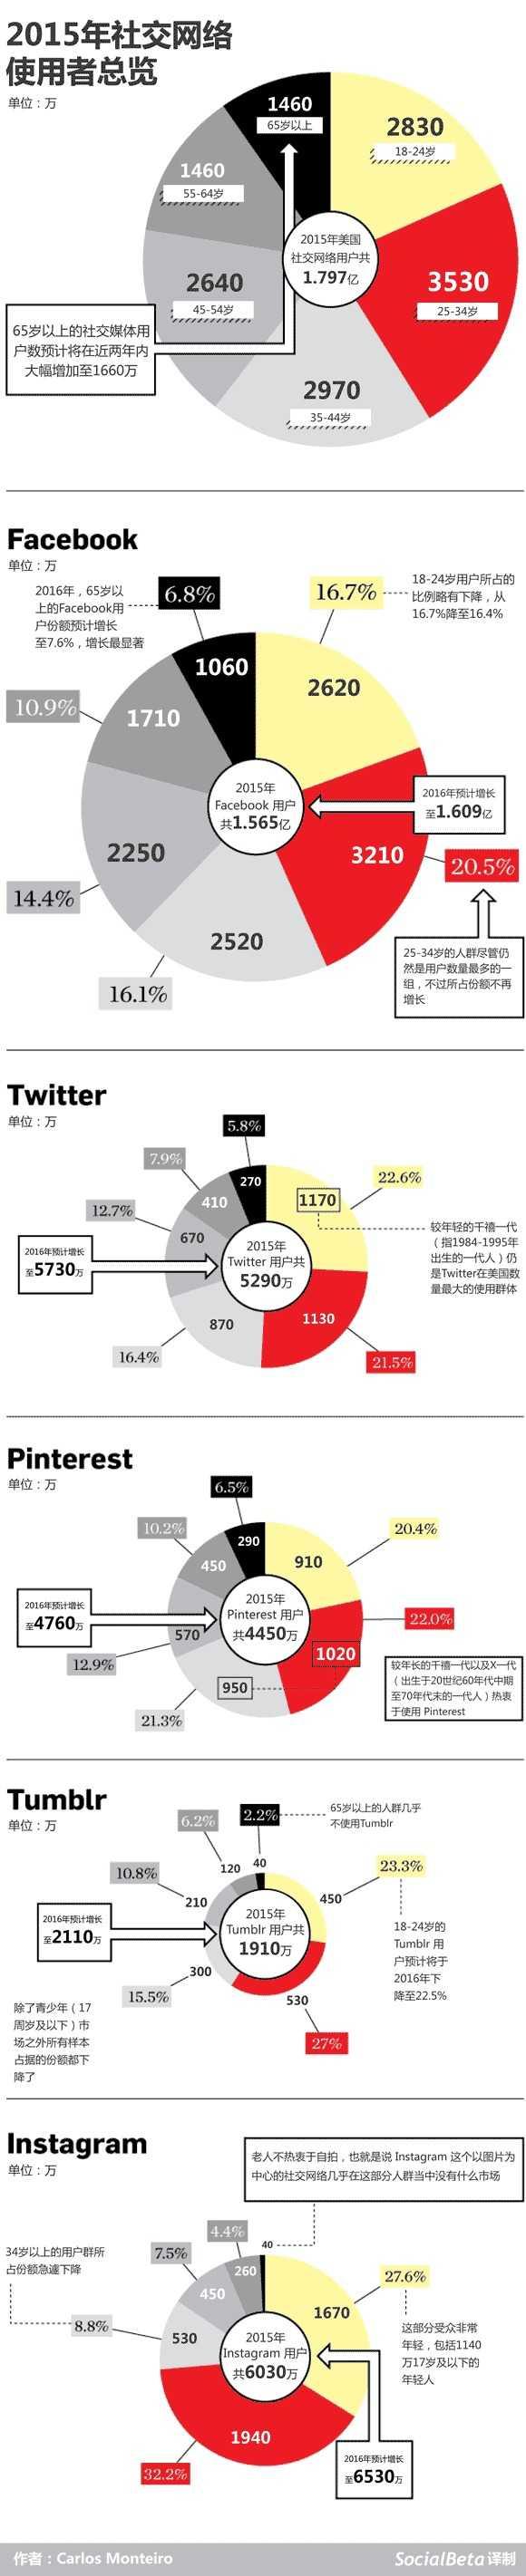 【快译】2015年社交网络使用者总览–信息图